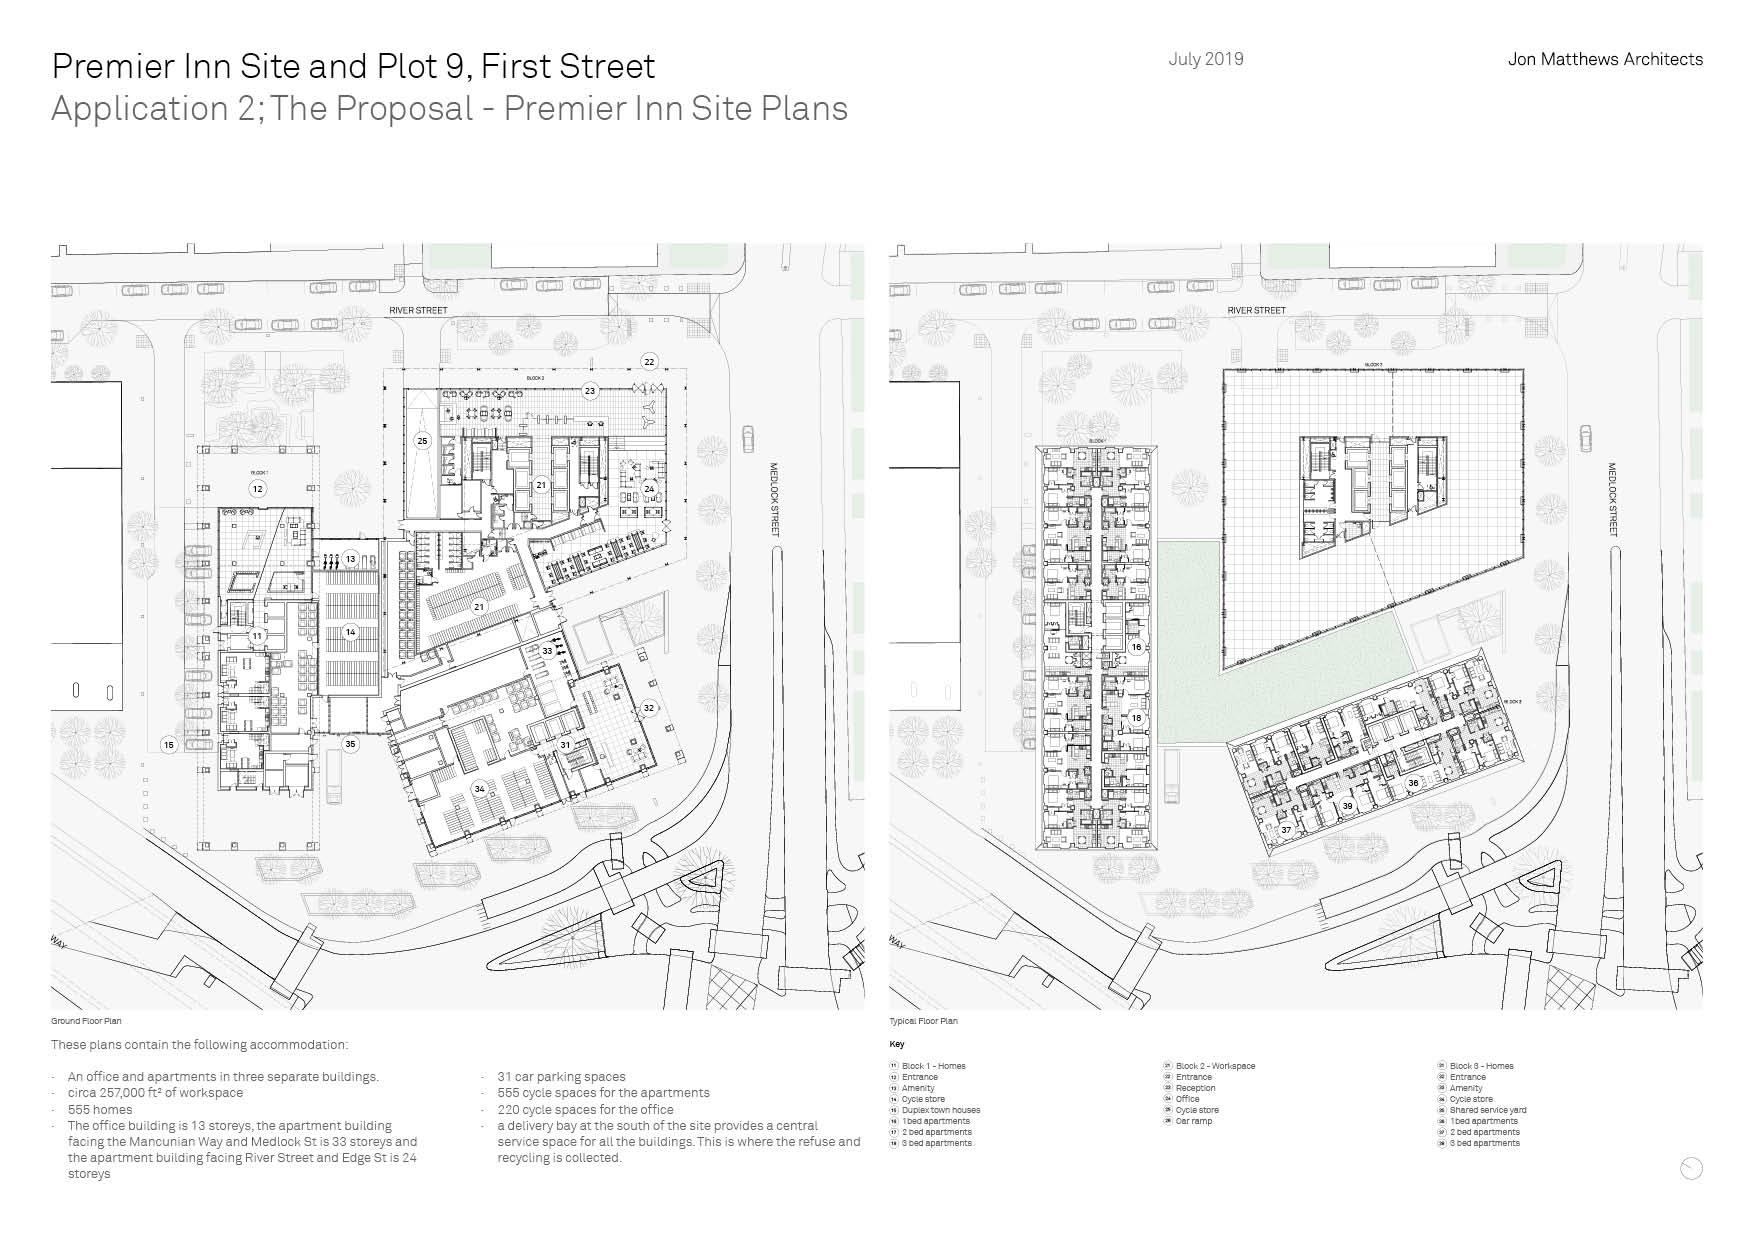 first_street_premier_inn_plot_9_11.jpg